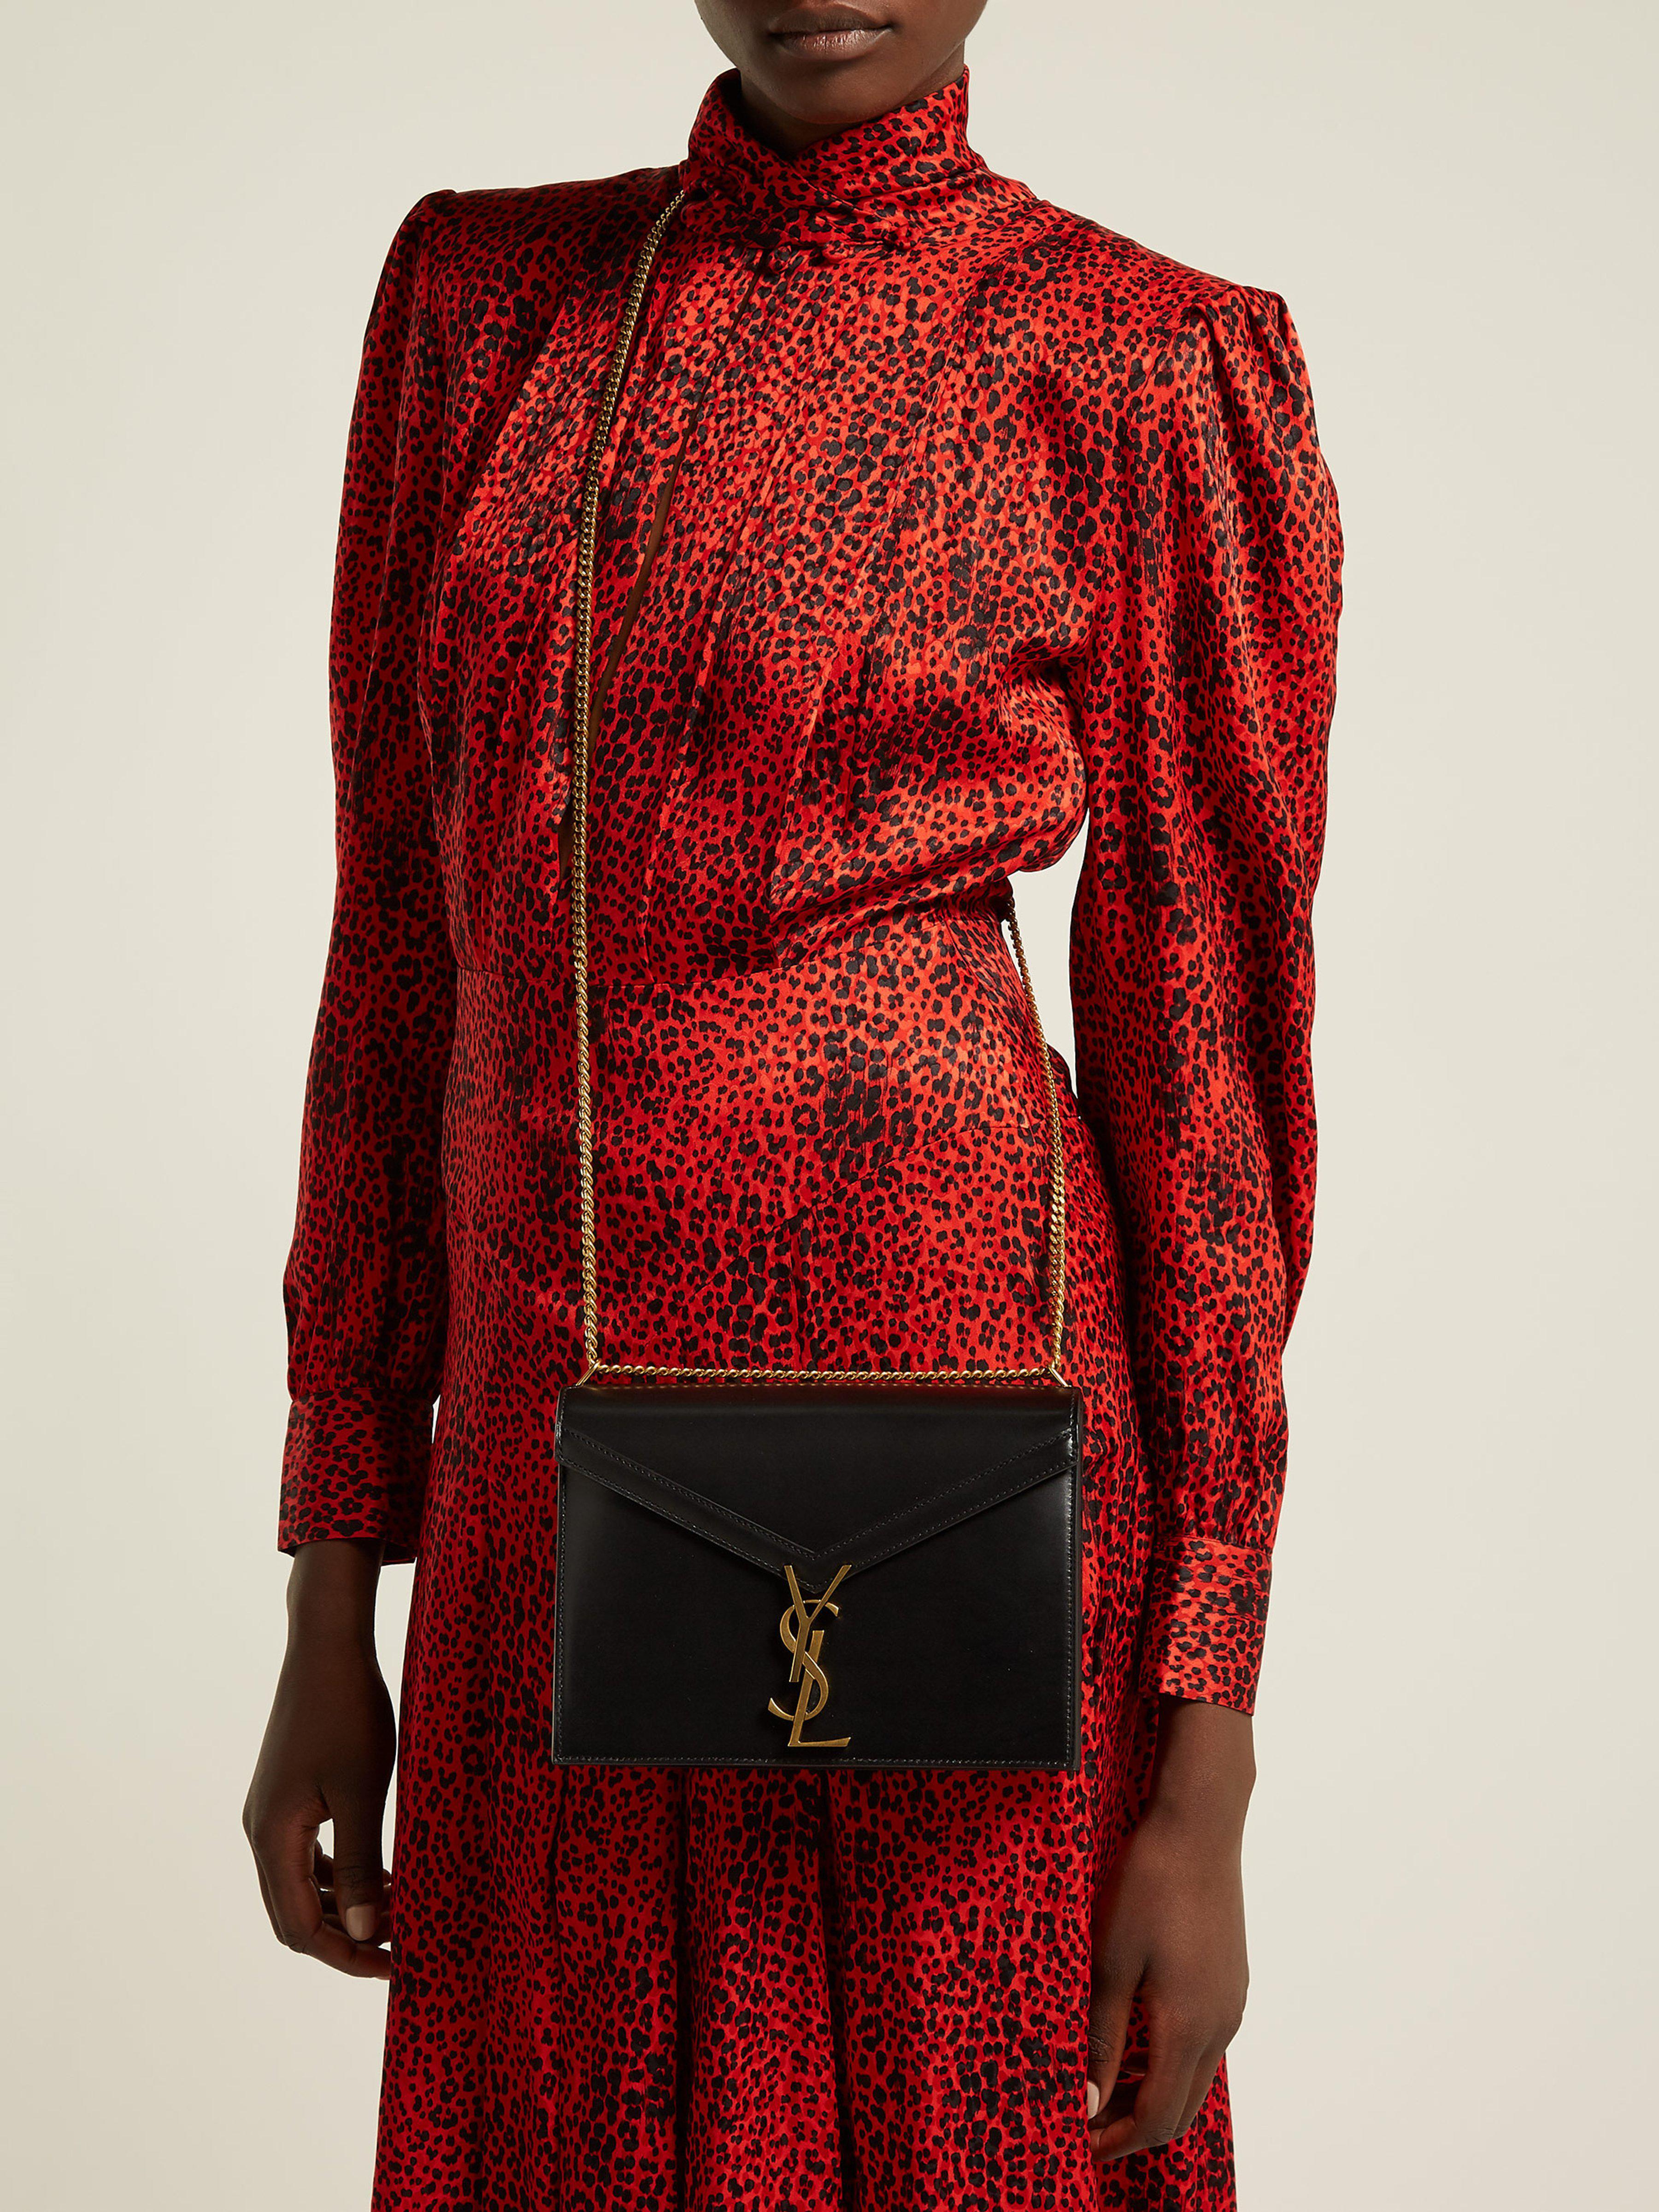 71f09ab9e11 Saint Laurent Cassandra Monogram Leather Cross Body Bag in Black - Lyst